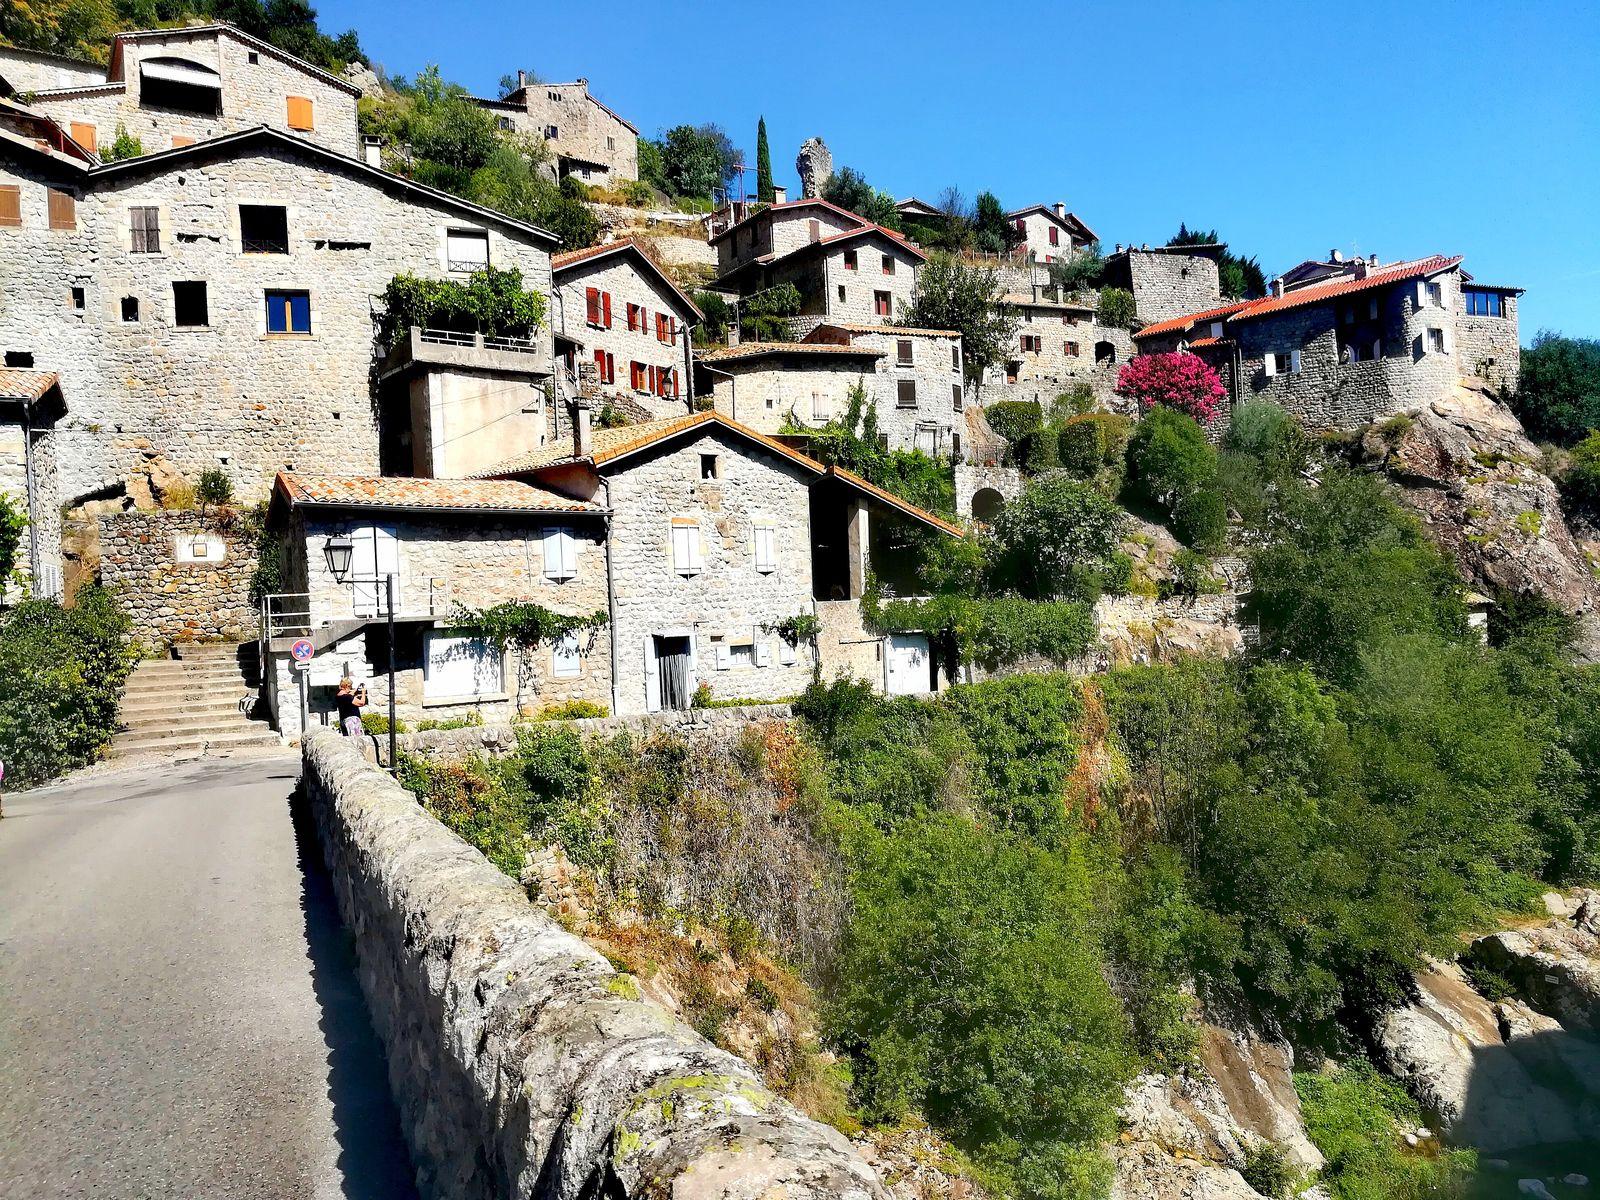 Ci-dessus une partie du village en mur de pierres regroupé